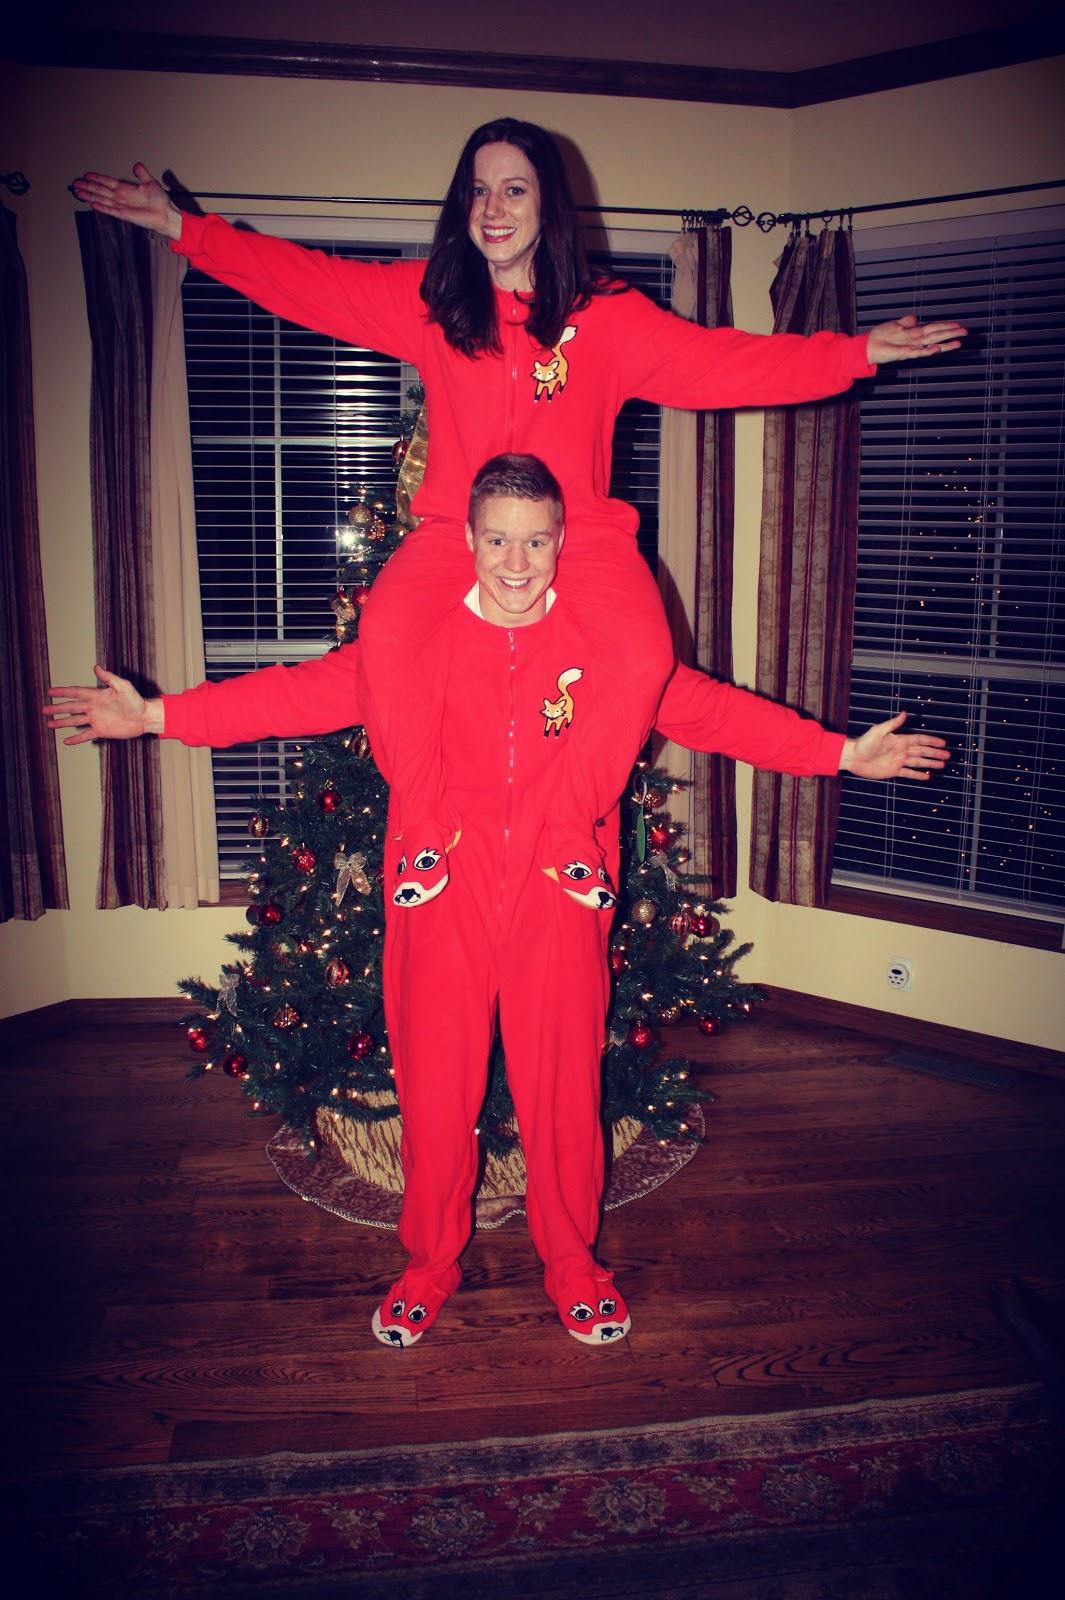 Kids Christmas Footie Pajamas